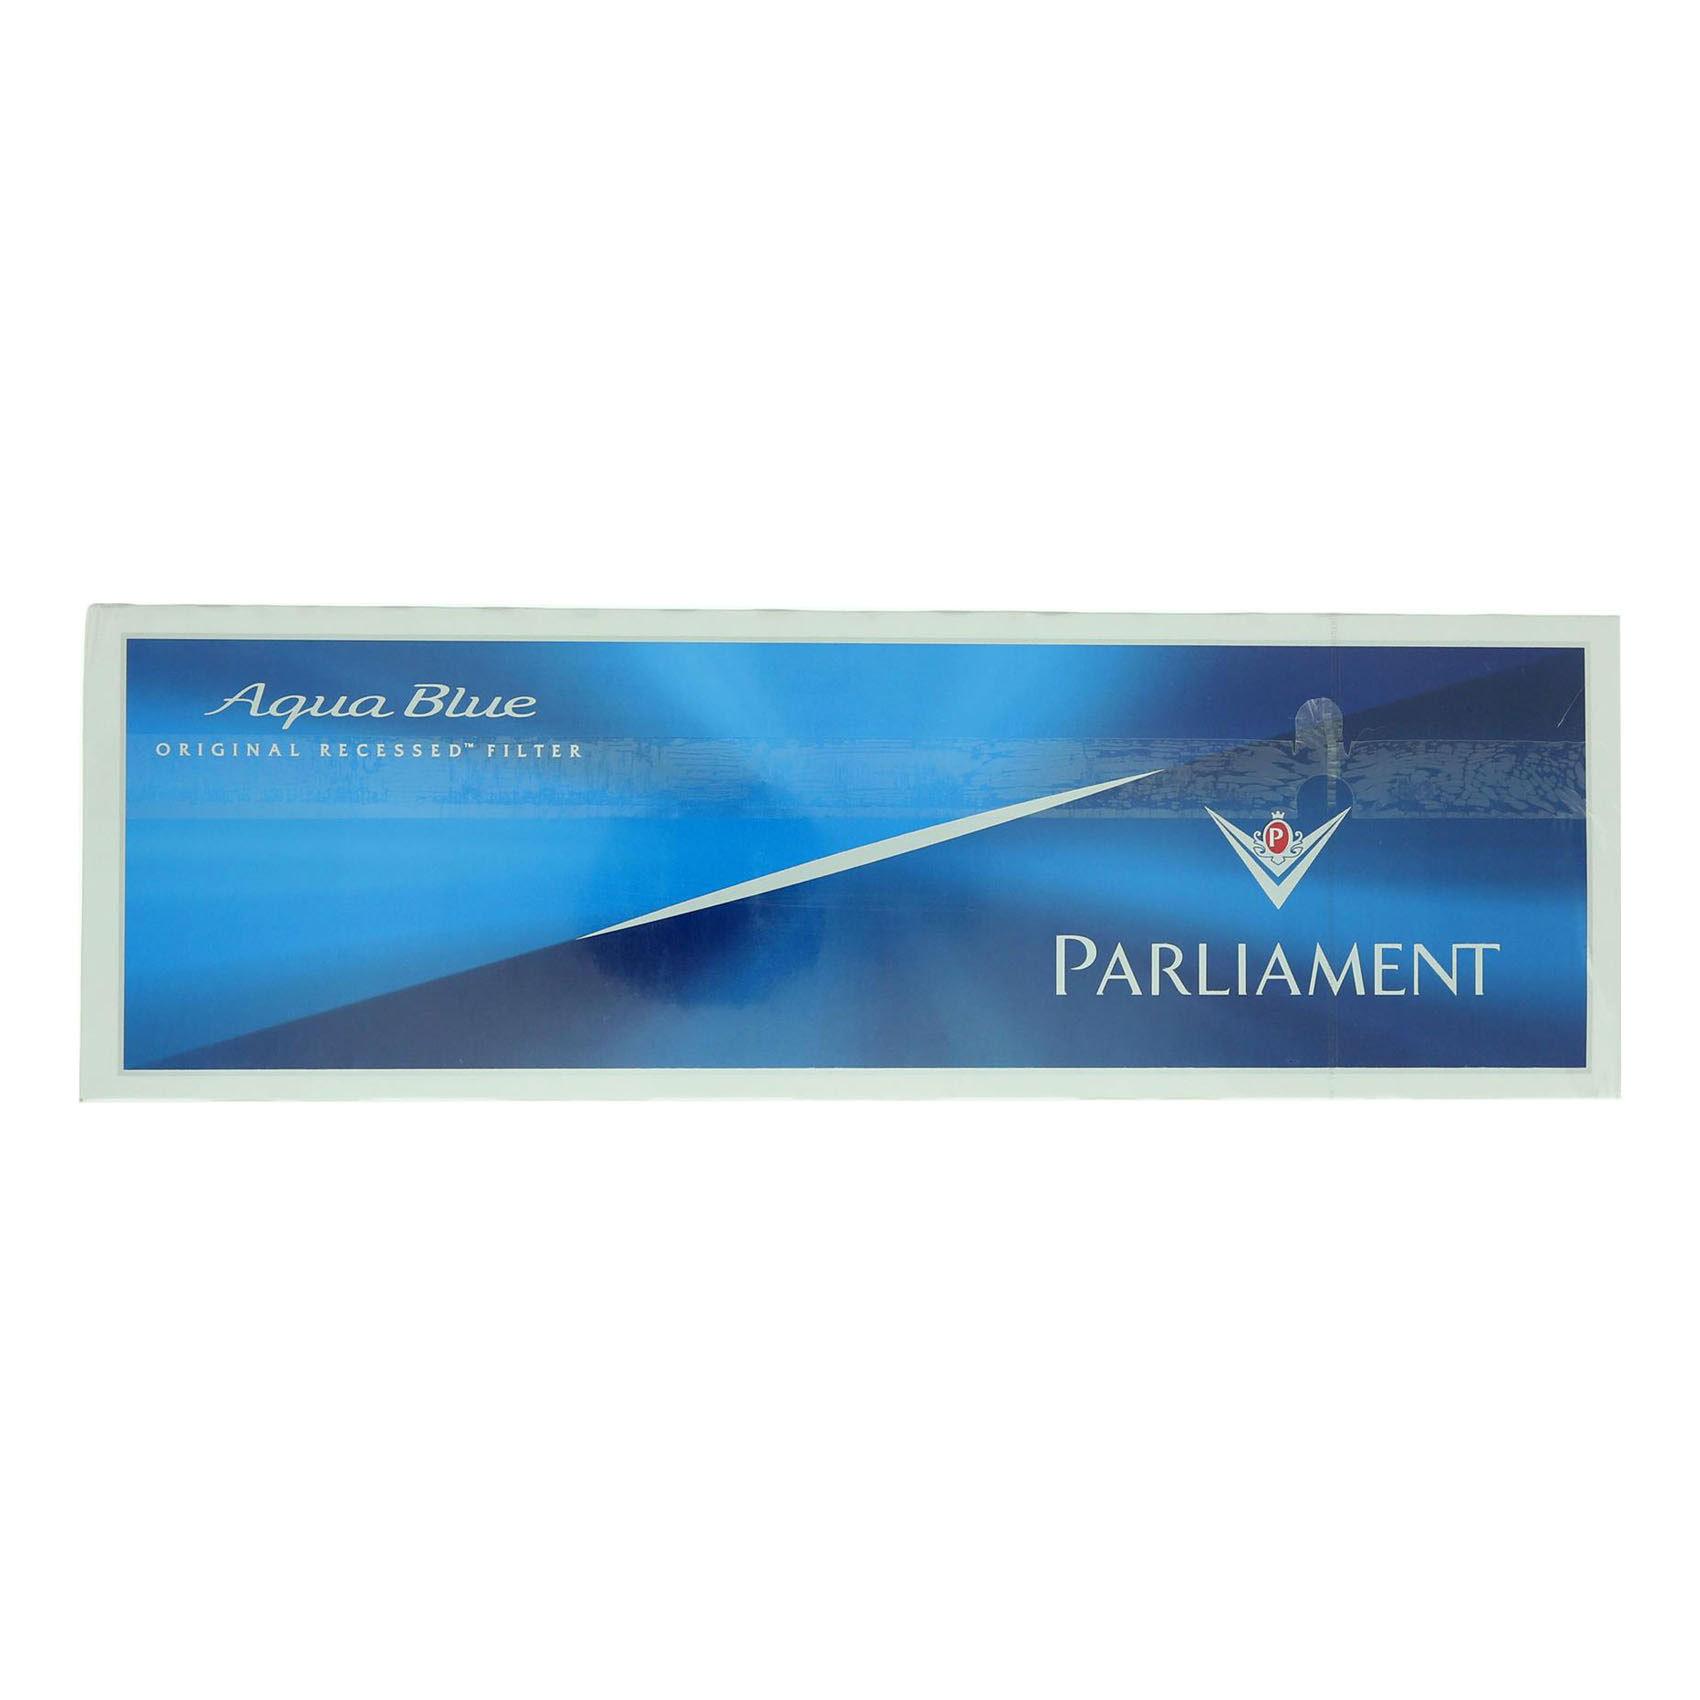 PARLIAMENT AQUA BLUE 20X10 OUTER